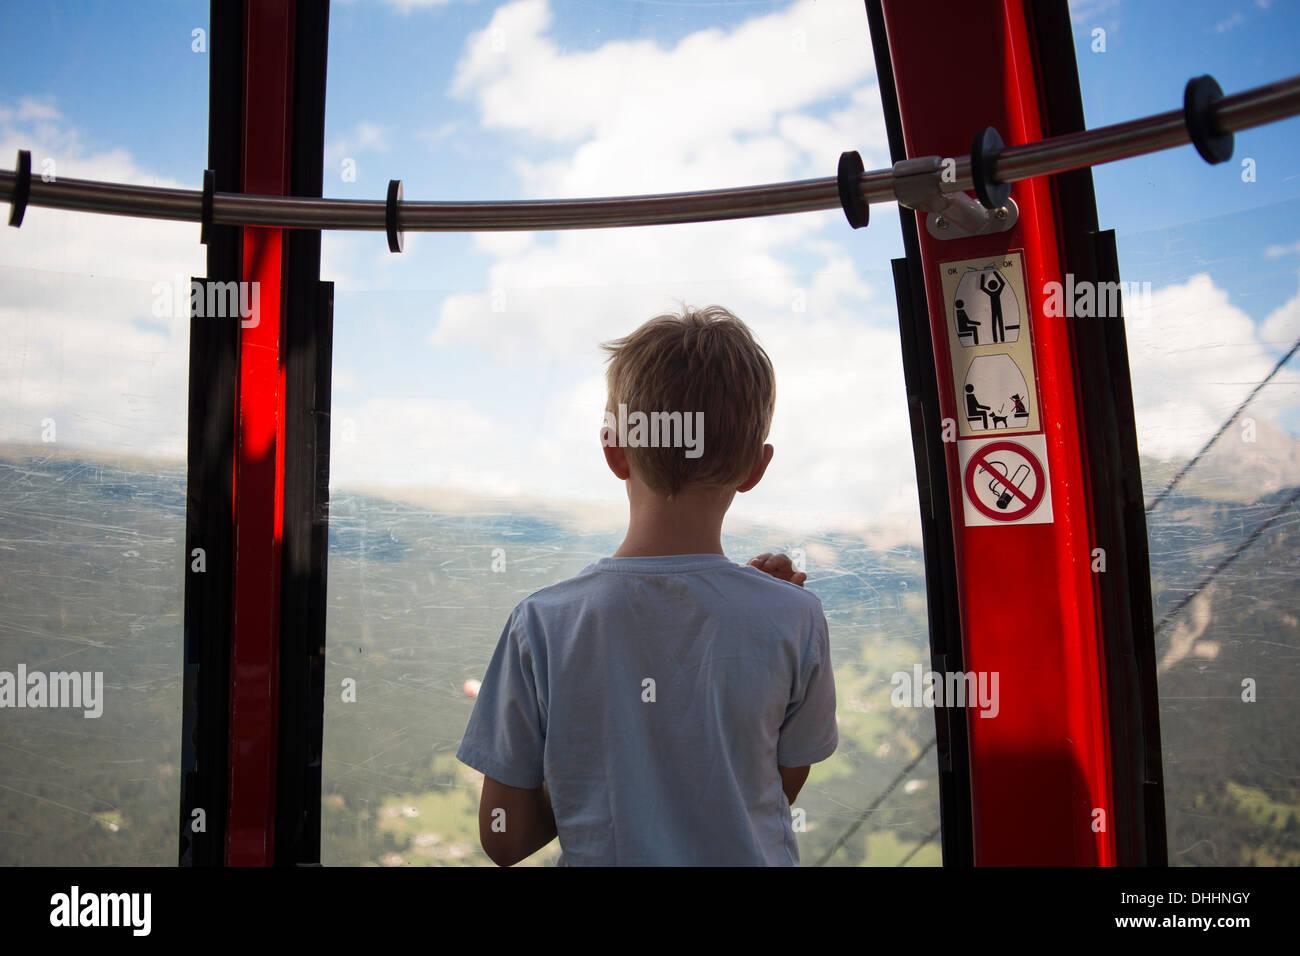 Chico mirando desde el teleférico, Tirol, Austria Imagen De Stock